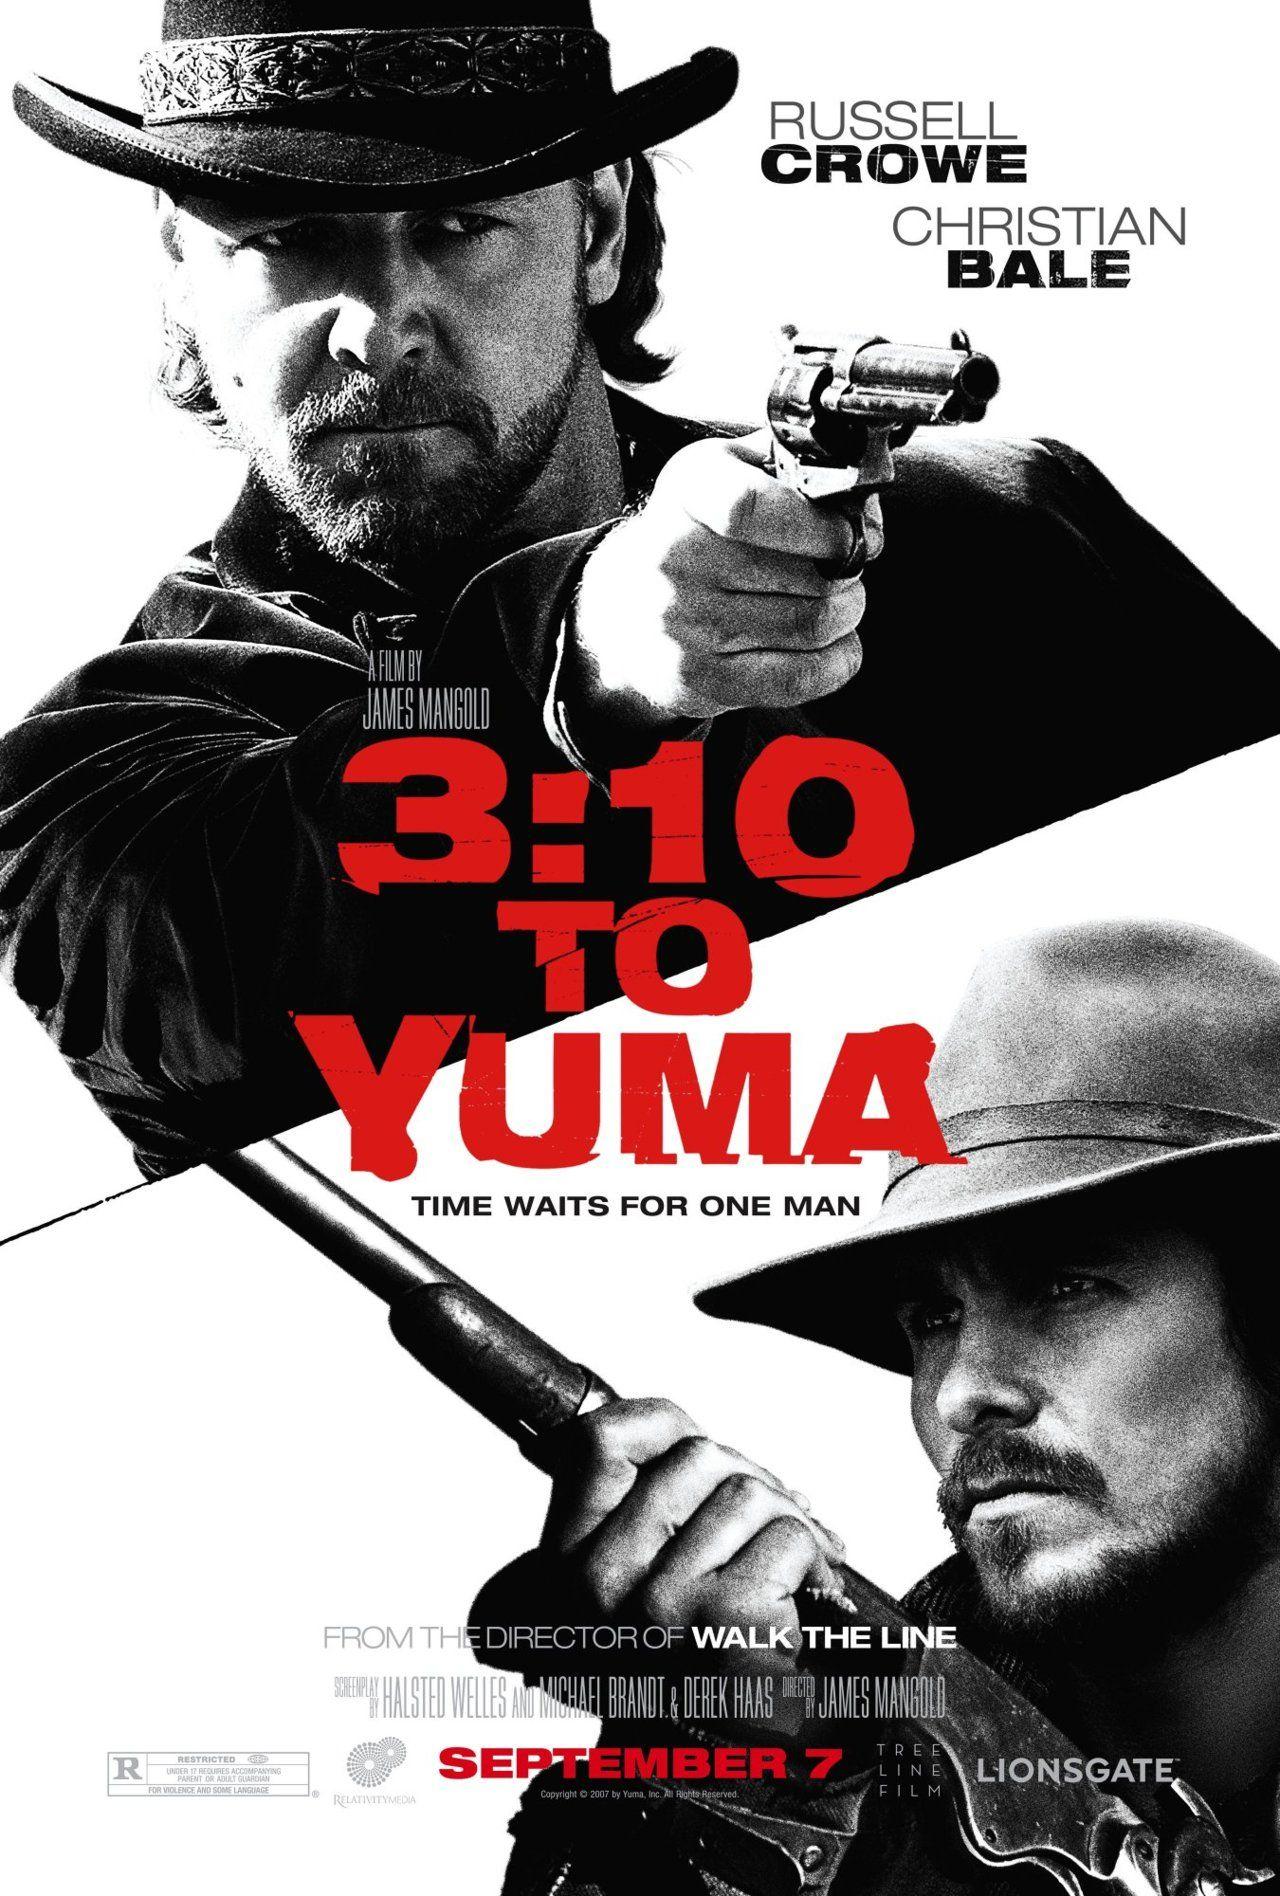 310 to yuma 2007 movie poster western movies yuma